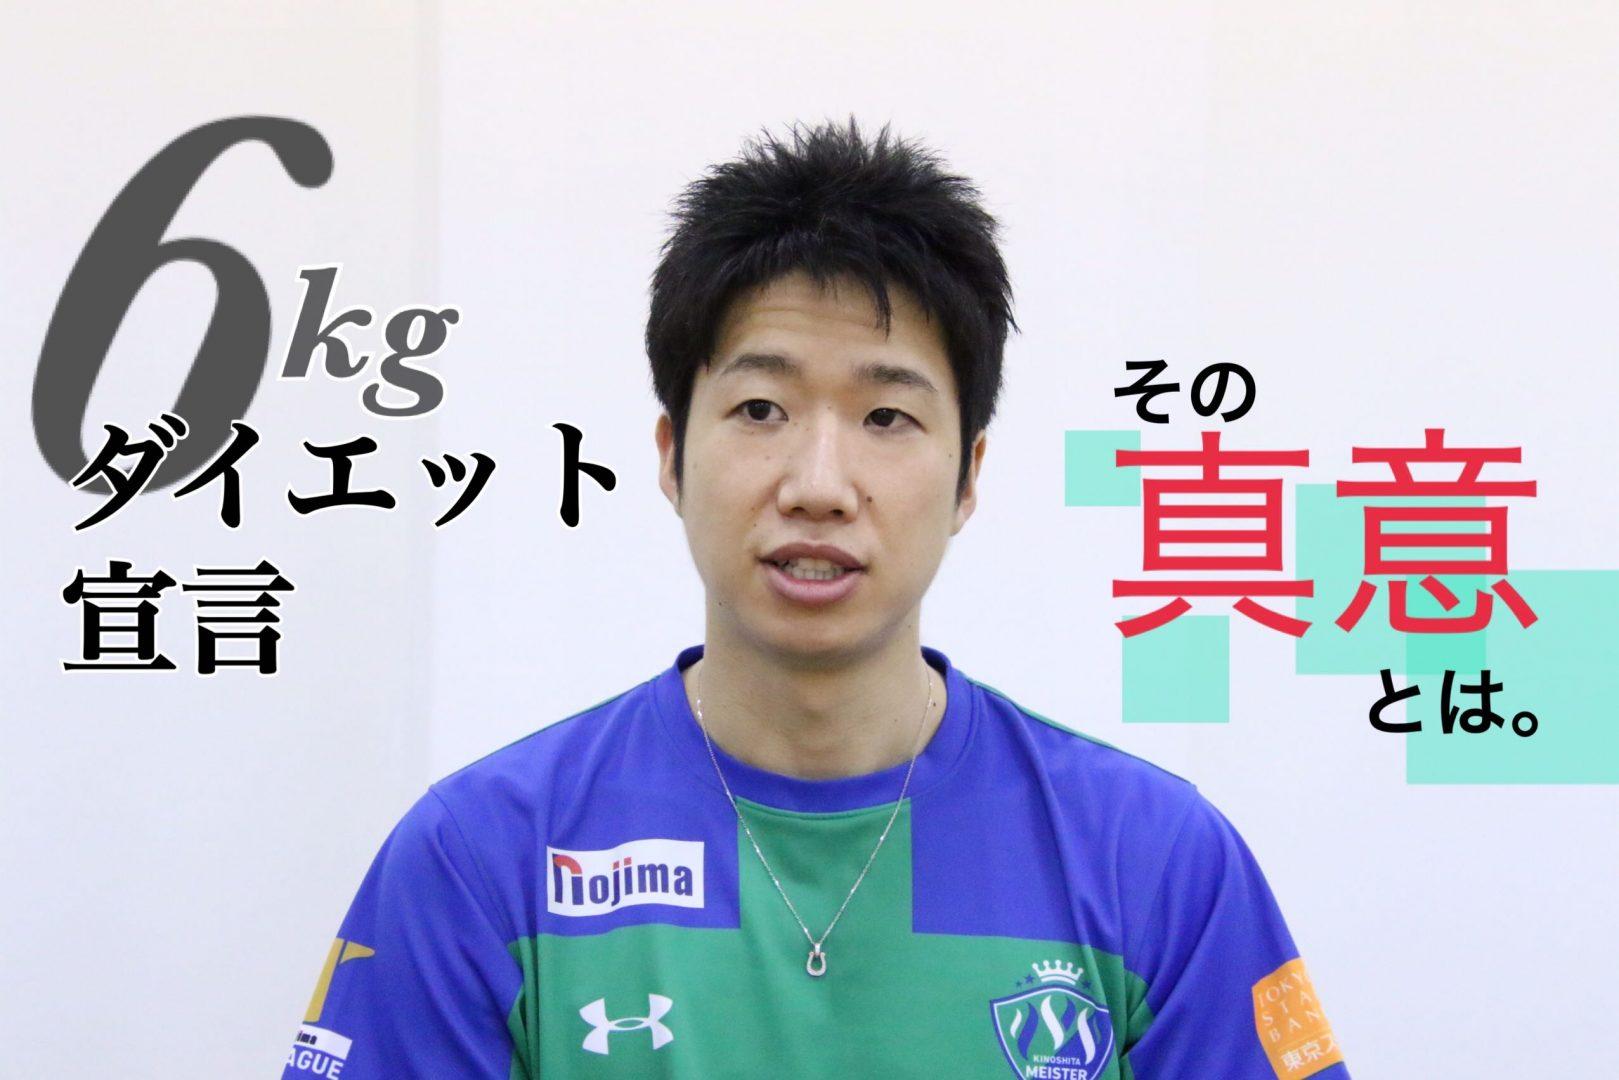 卓球・水谷隼を直撃 「6キロダイエット宣言」の真意